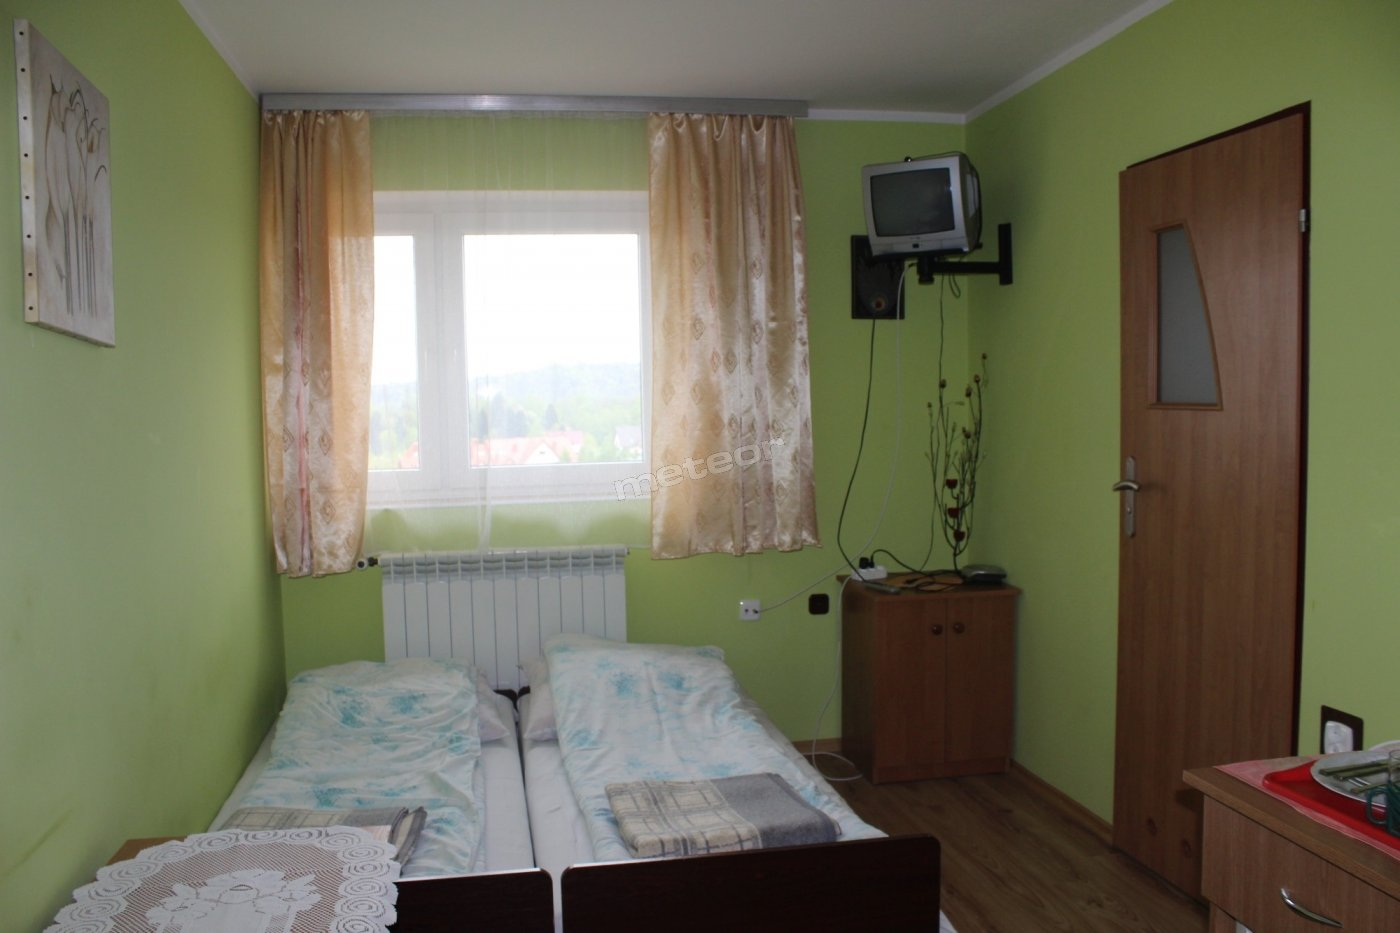 Pokój numer 2. Ma widok na Jezioro Solińskie, łózka w razie potrzeby można rozsunąć.